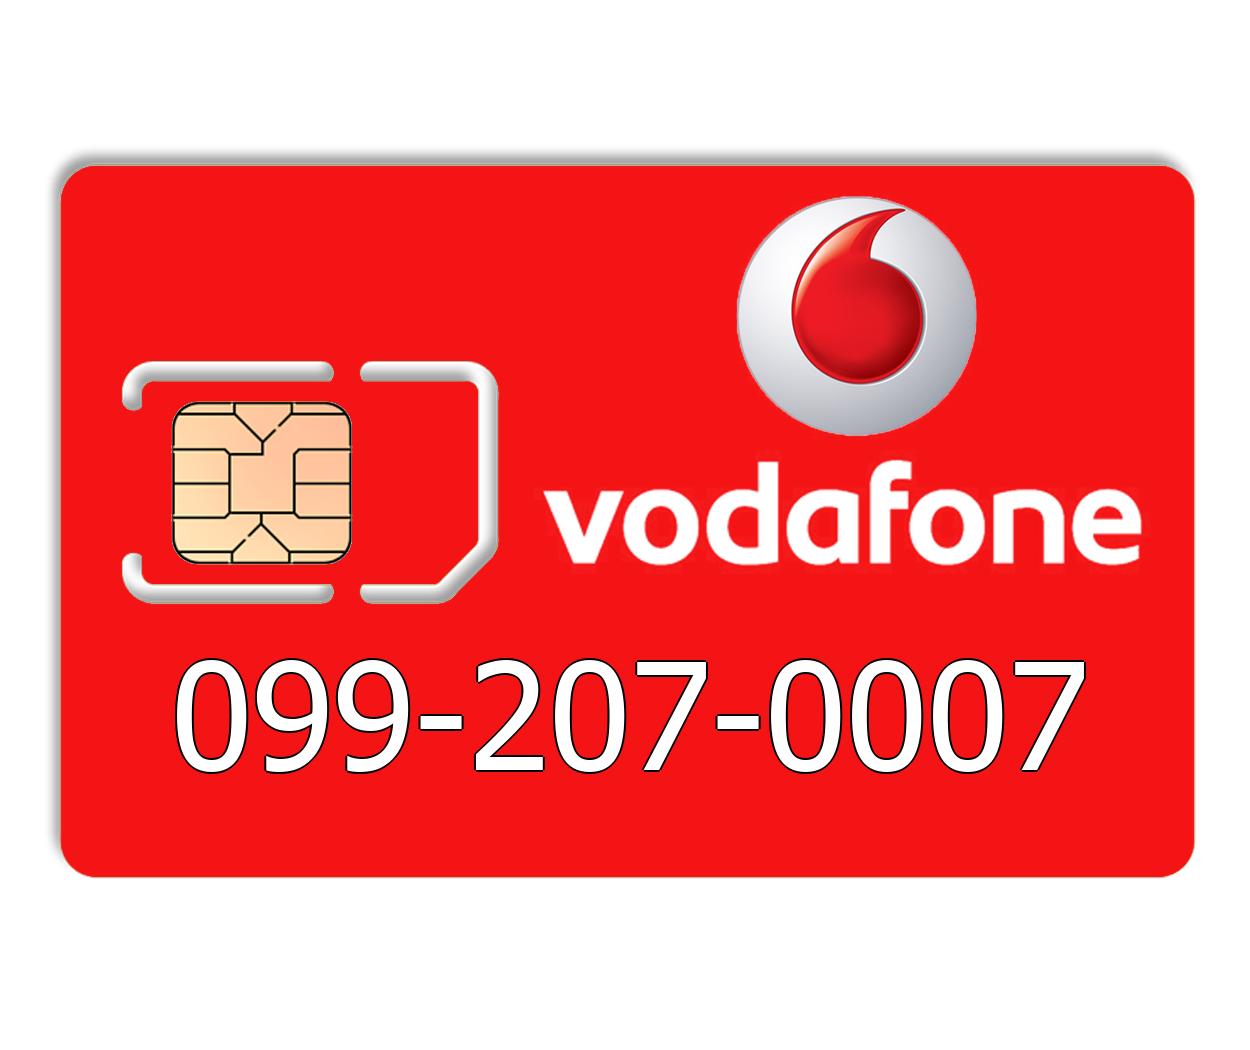 Красивый номер Vodafone 099-207-0007